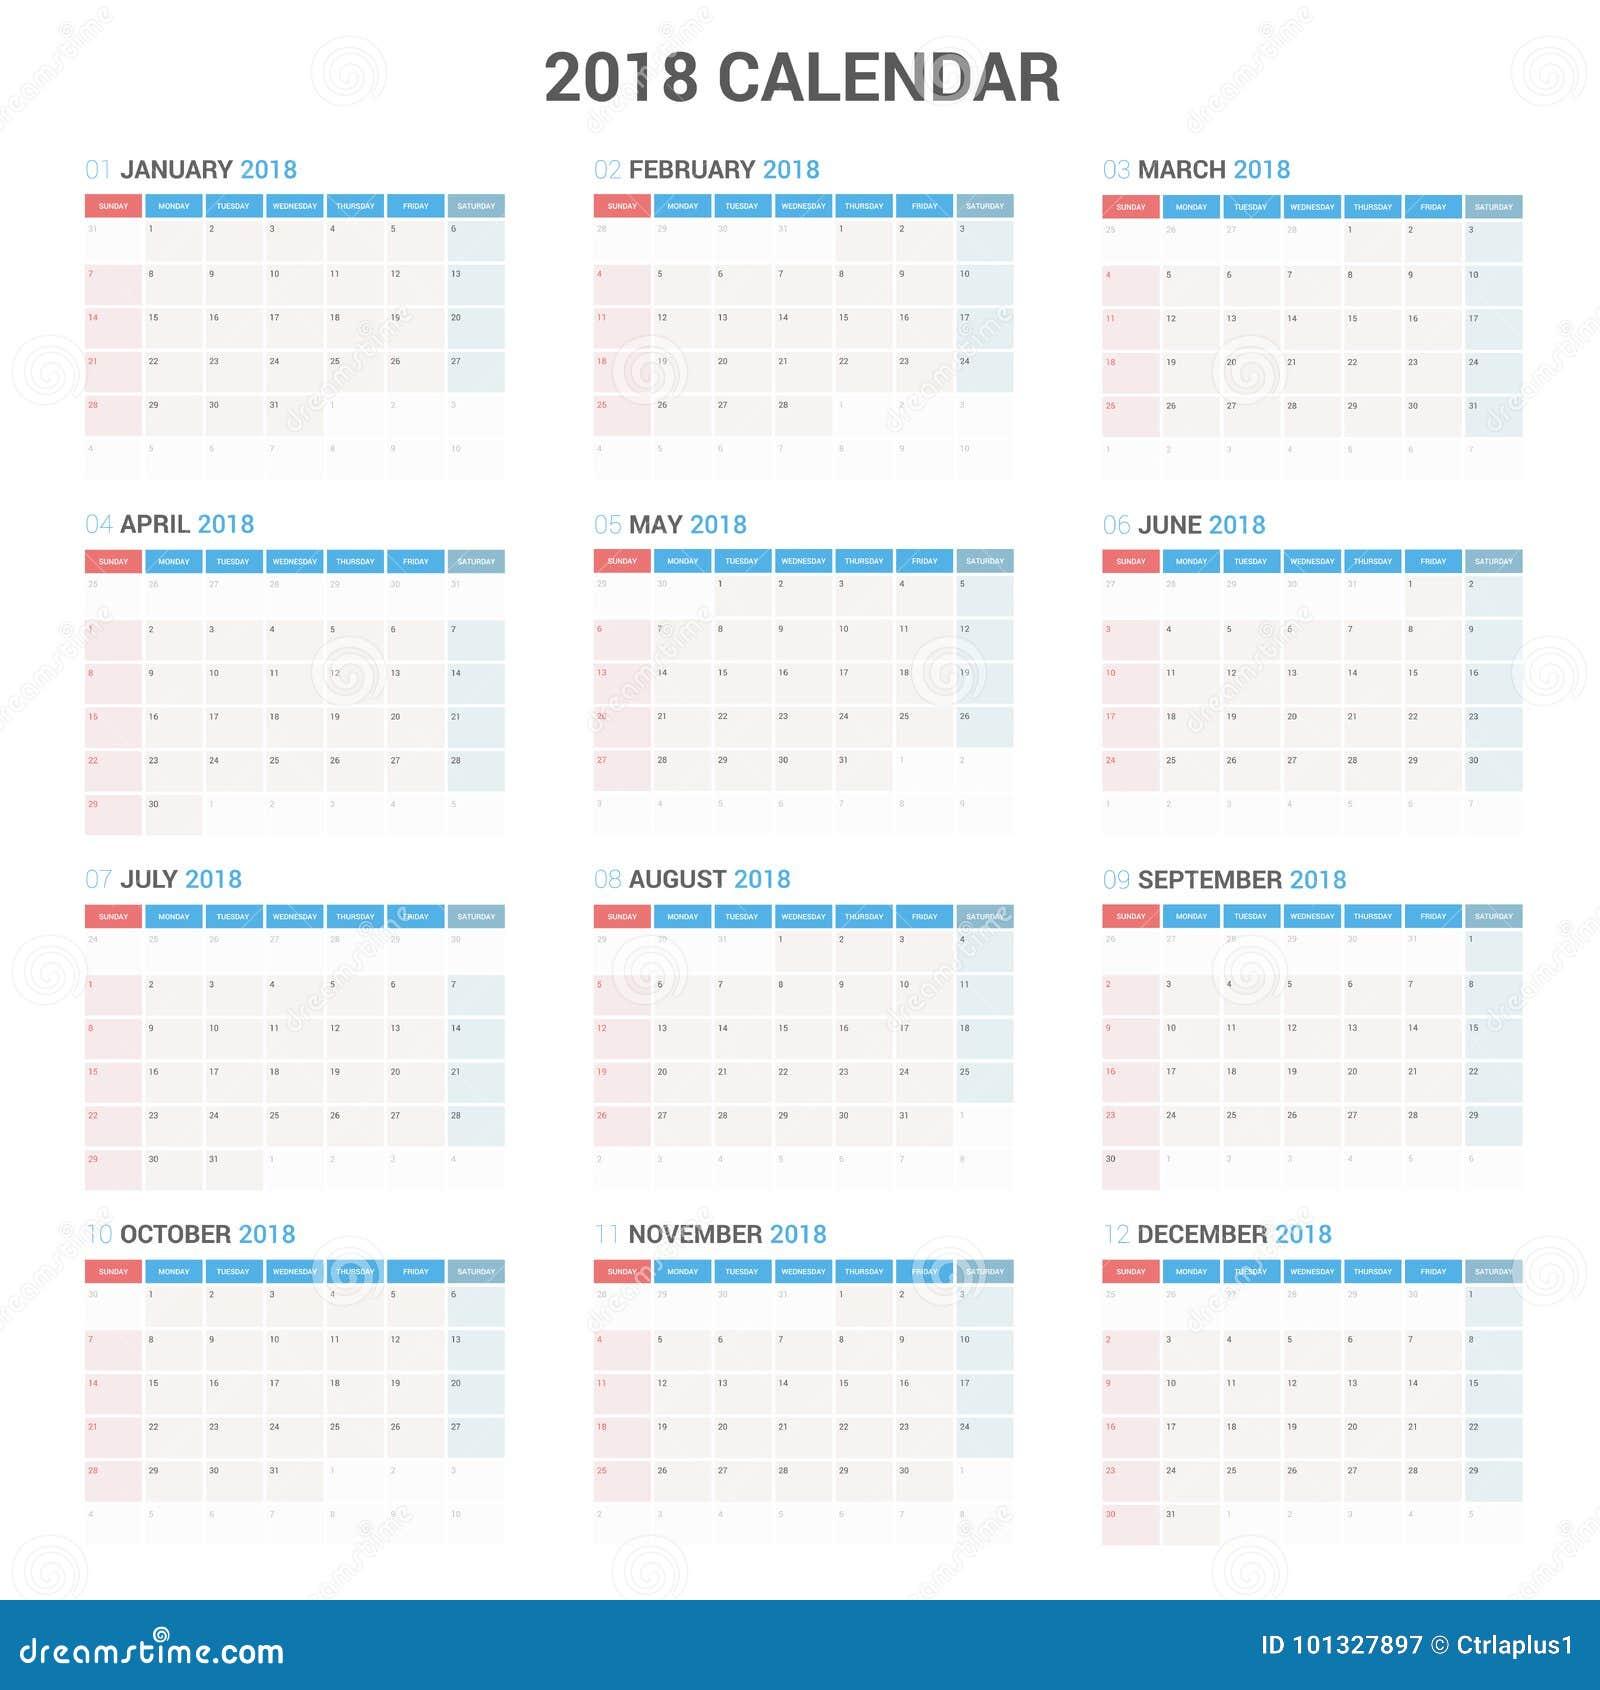 逐年挂历计划者模板2018年 传染媒介设计印刷品模板